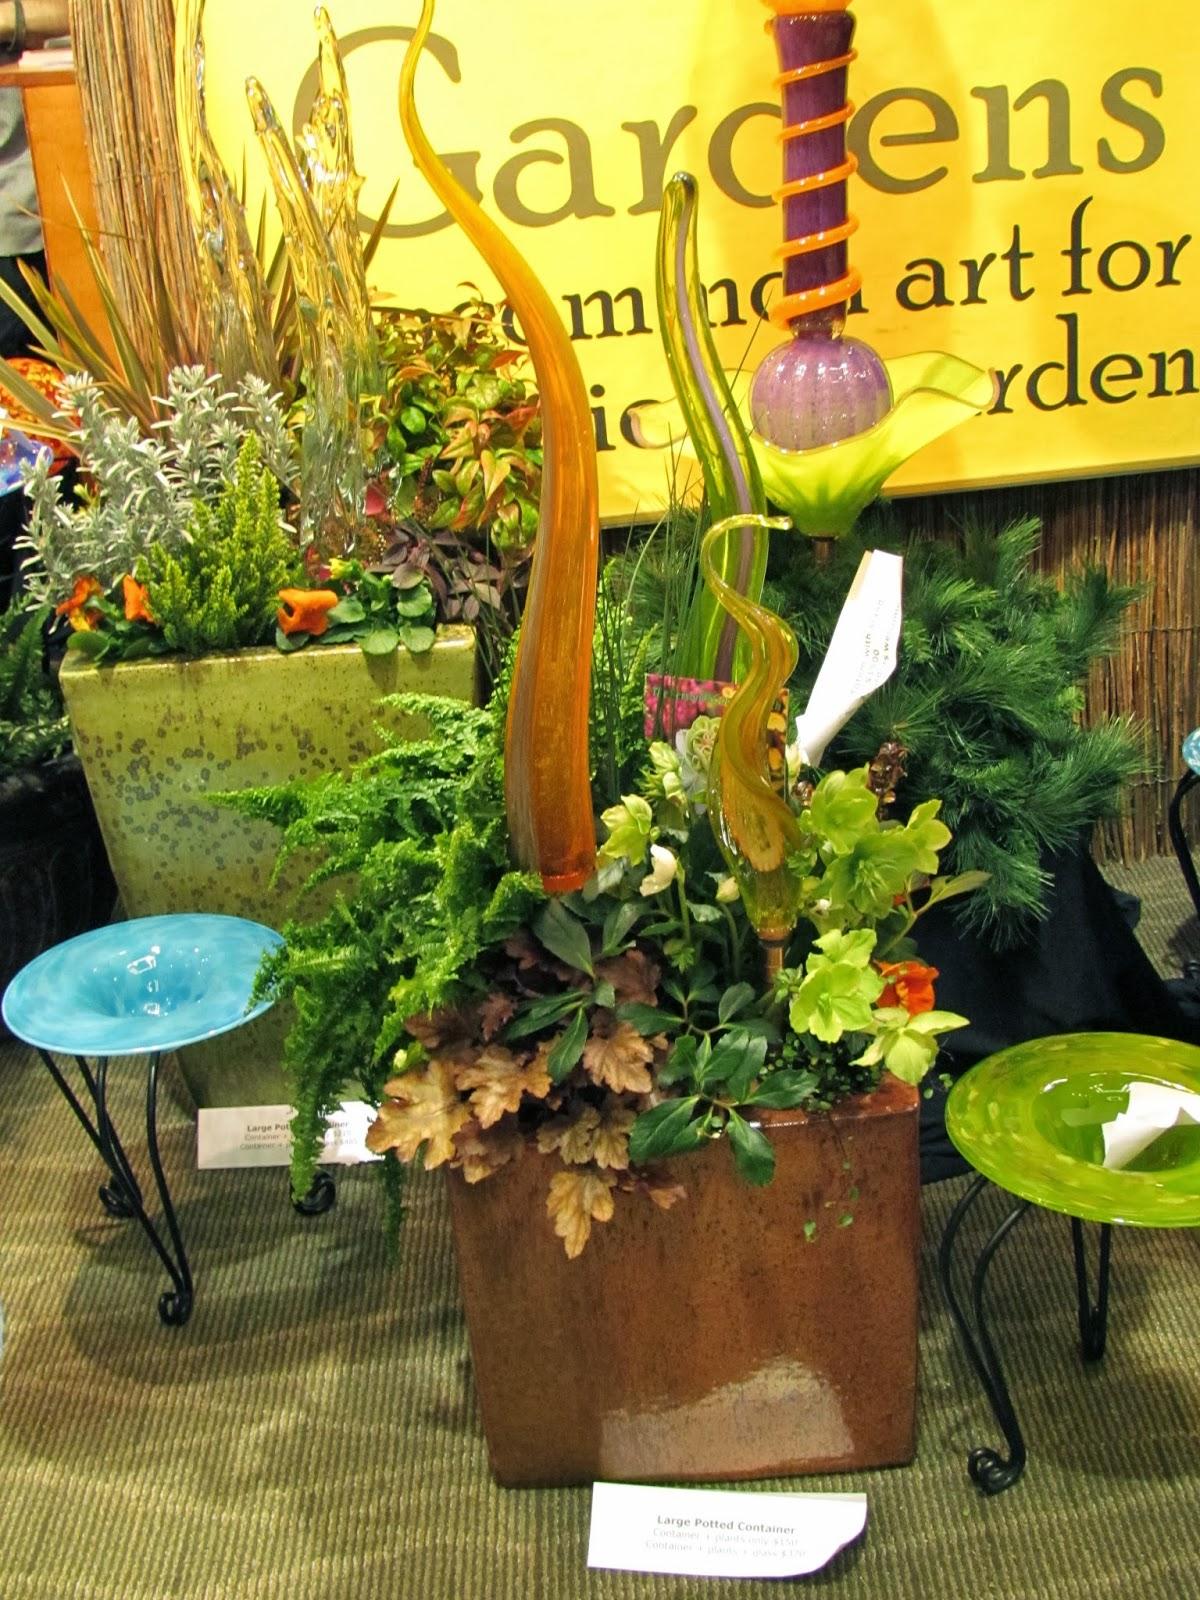 Bwisegardening around the garden world day 37 seattle wa - Northwest flower and garden show ...